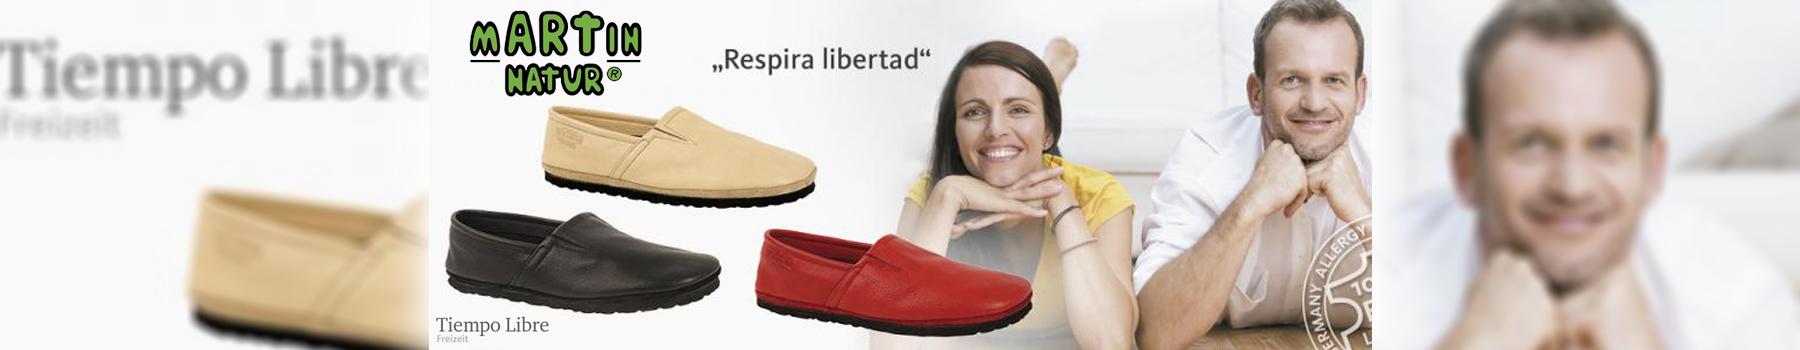 Fabricante de Calzado Antialérgico, CALZADO ANTIALÉRGICO ALICANTE, zapaterías en elche